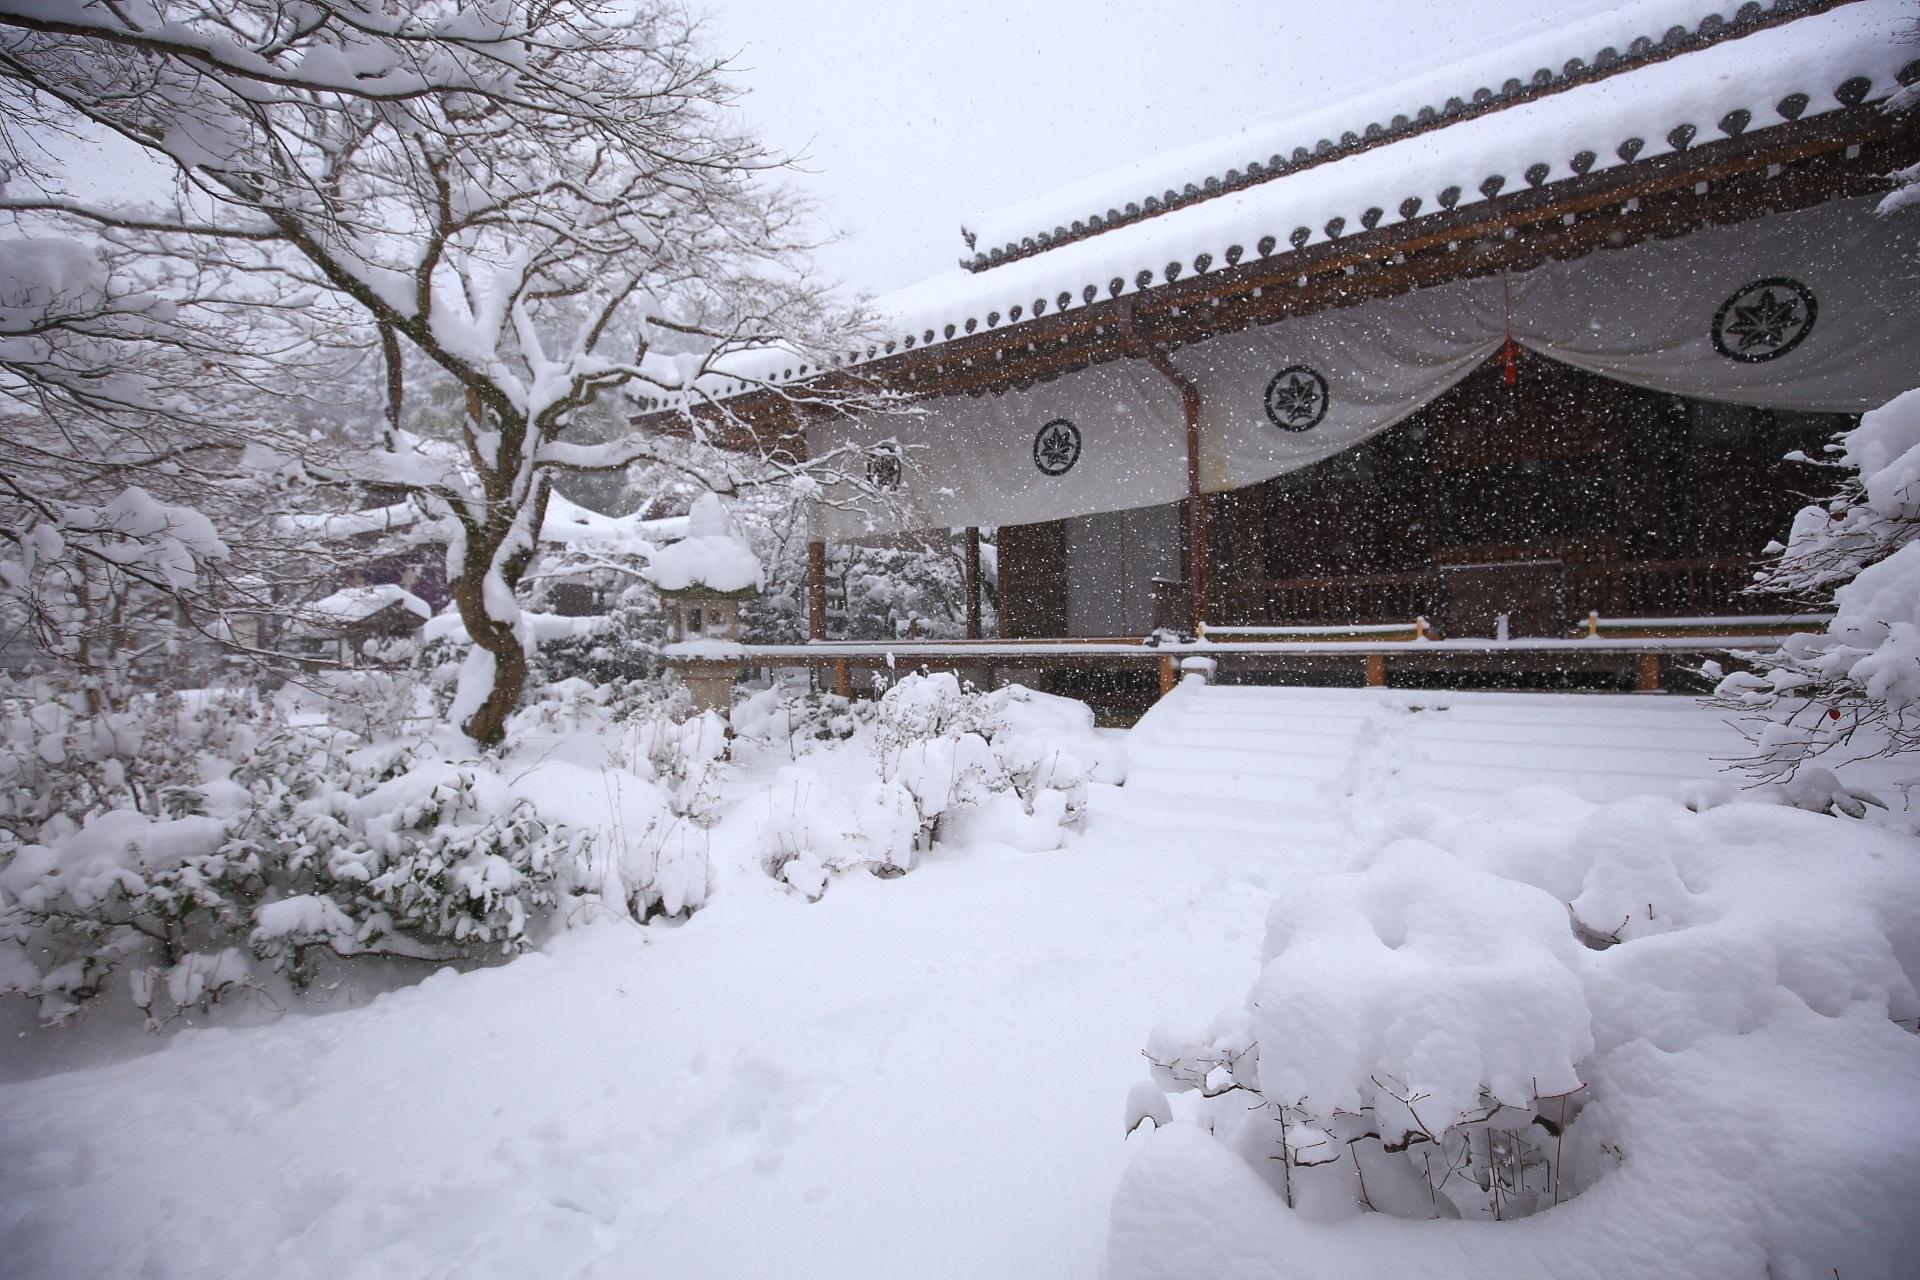 雪が降る本堂の冬景色